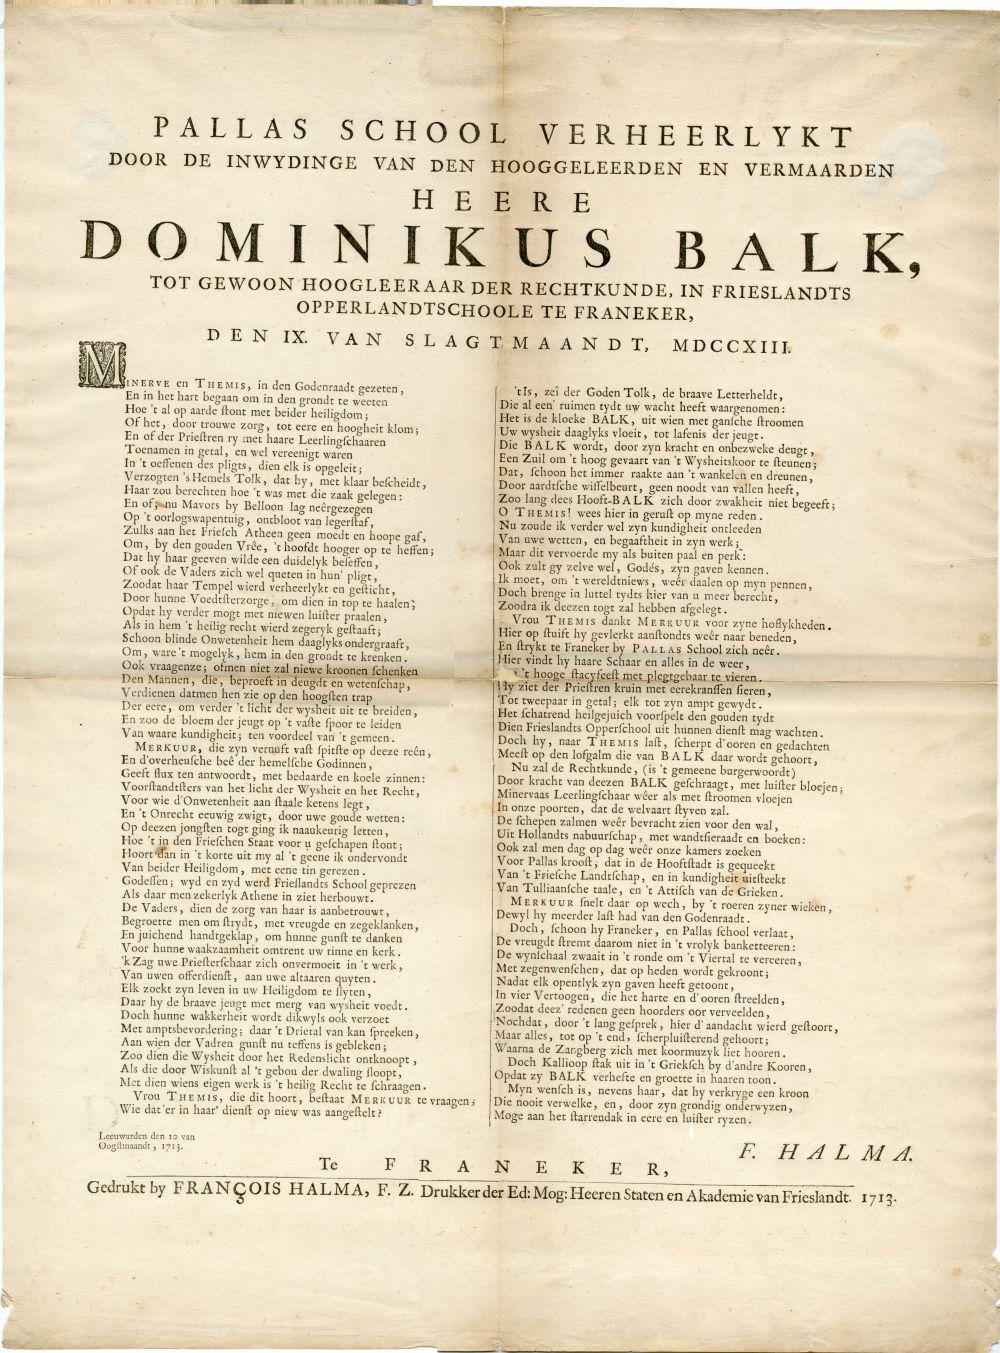 Geschrift van F. Halma betreffende de inwijding van Dominikus Balk tot gewoon hoogleraar rechten